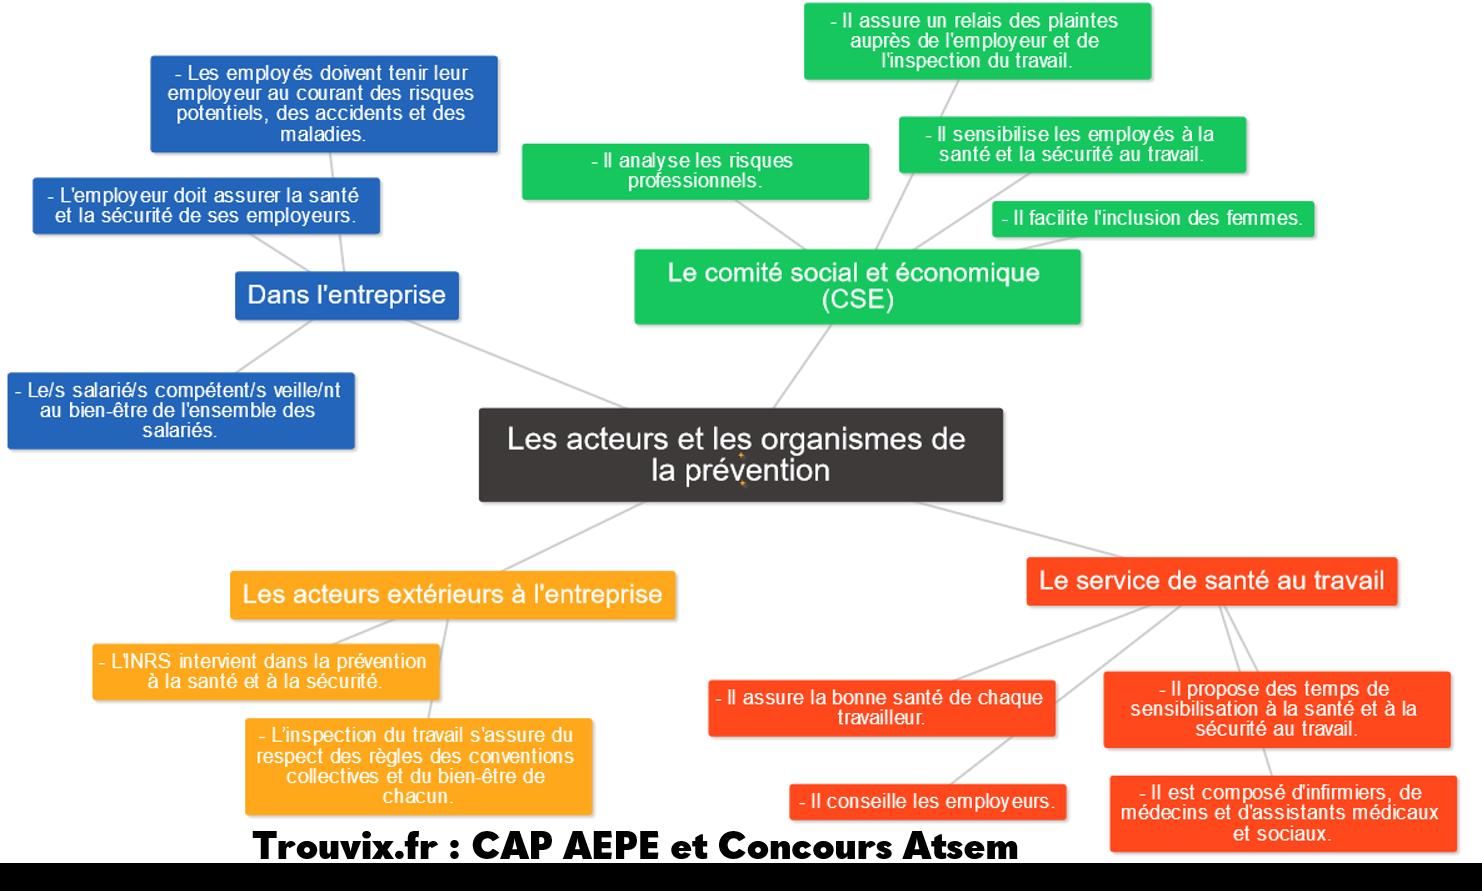 Acteurs et organismes de la prévention